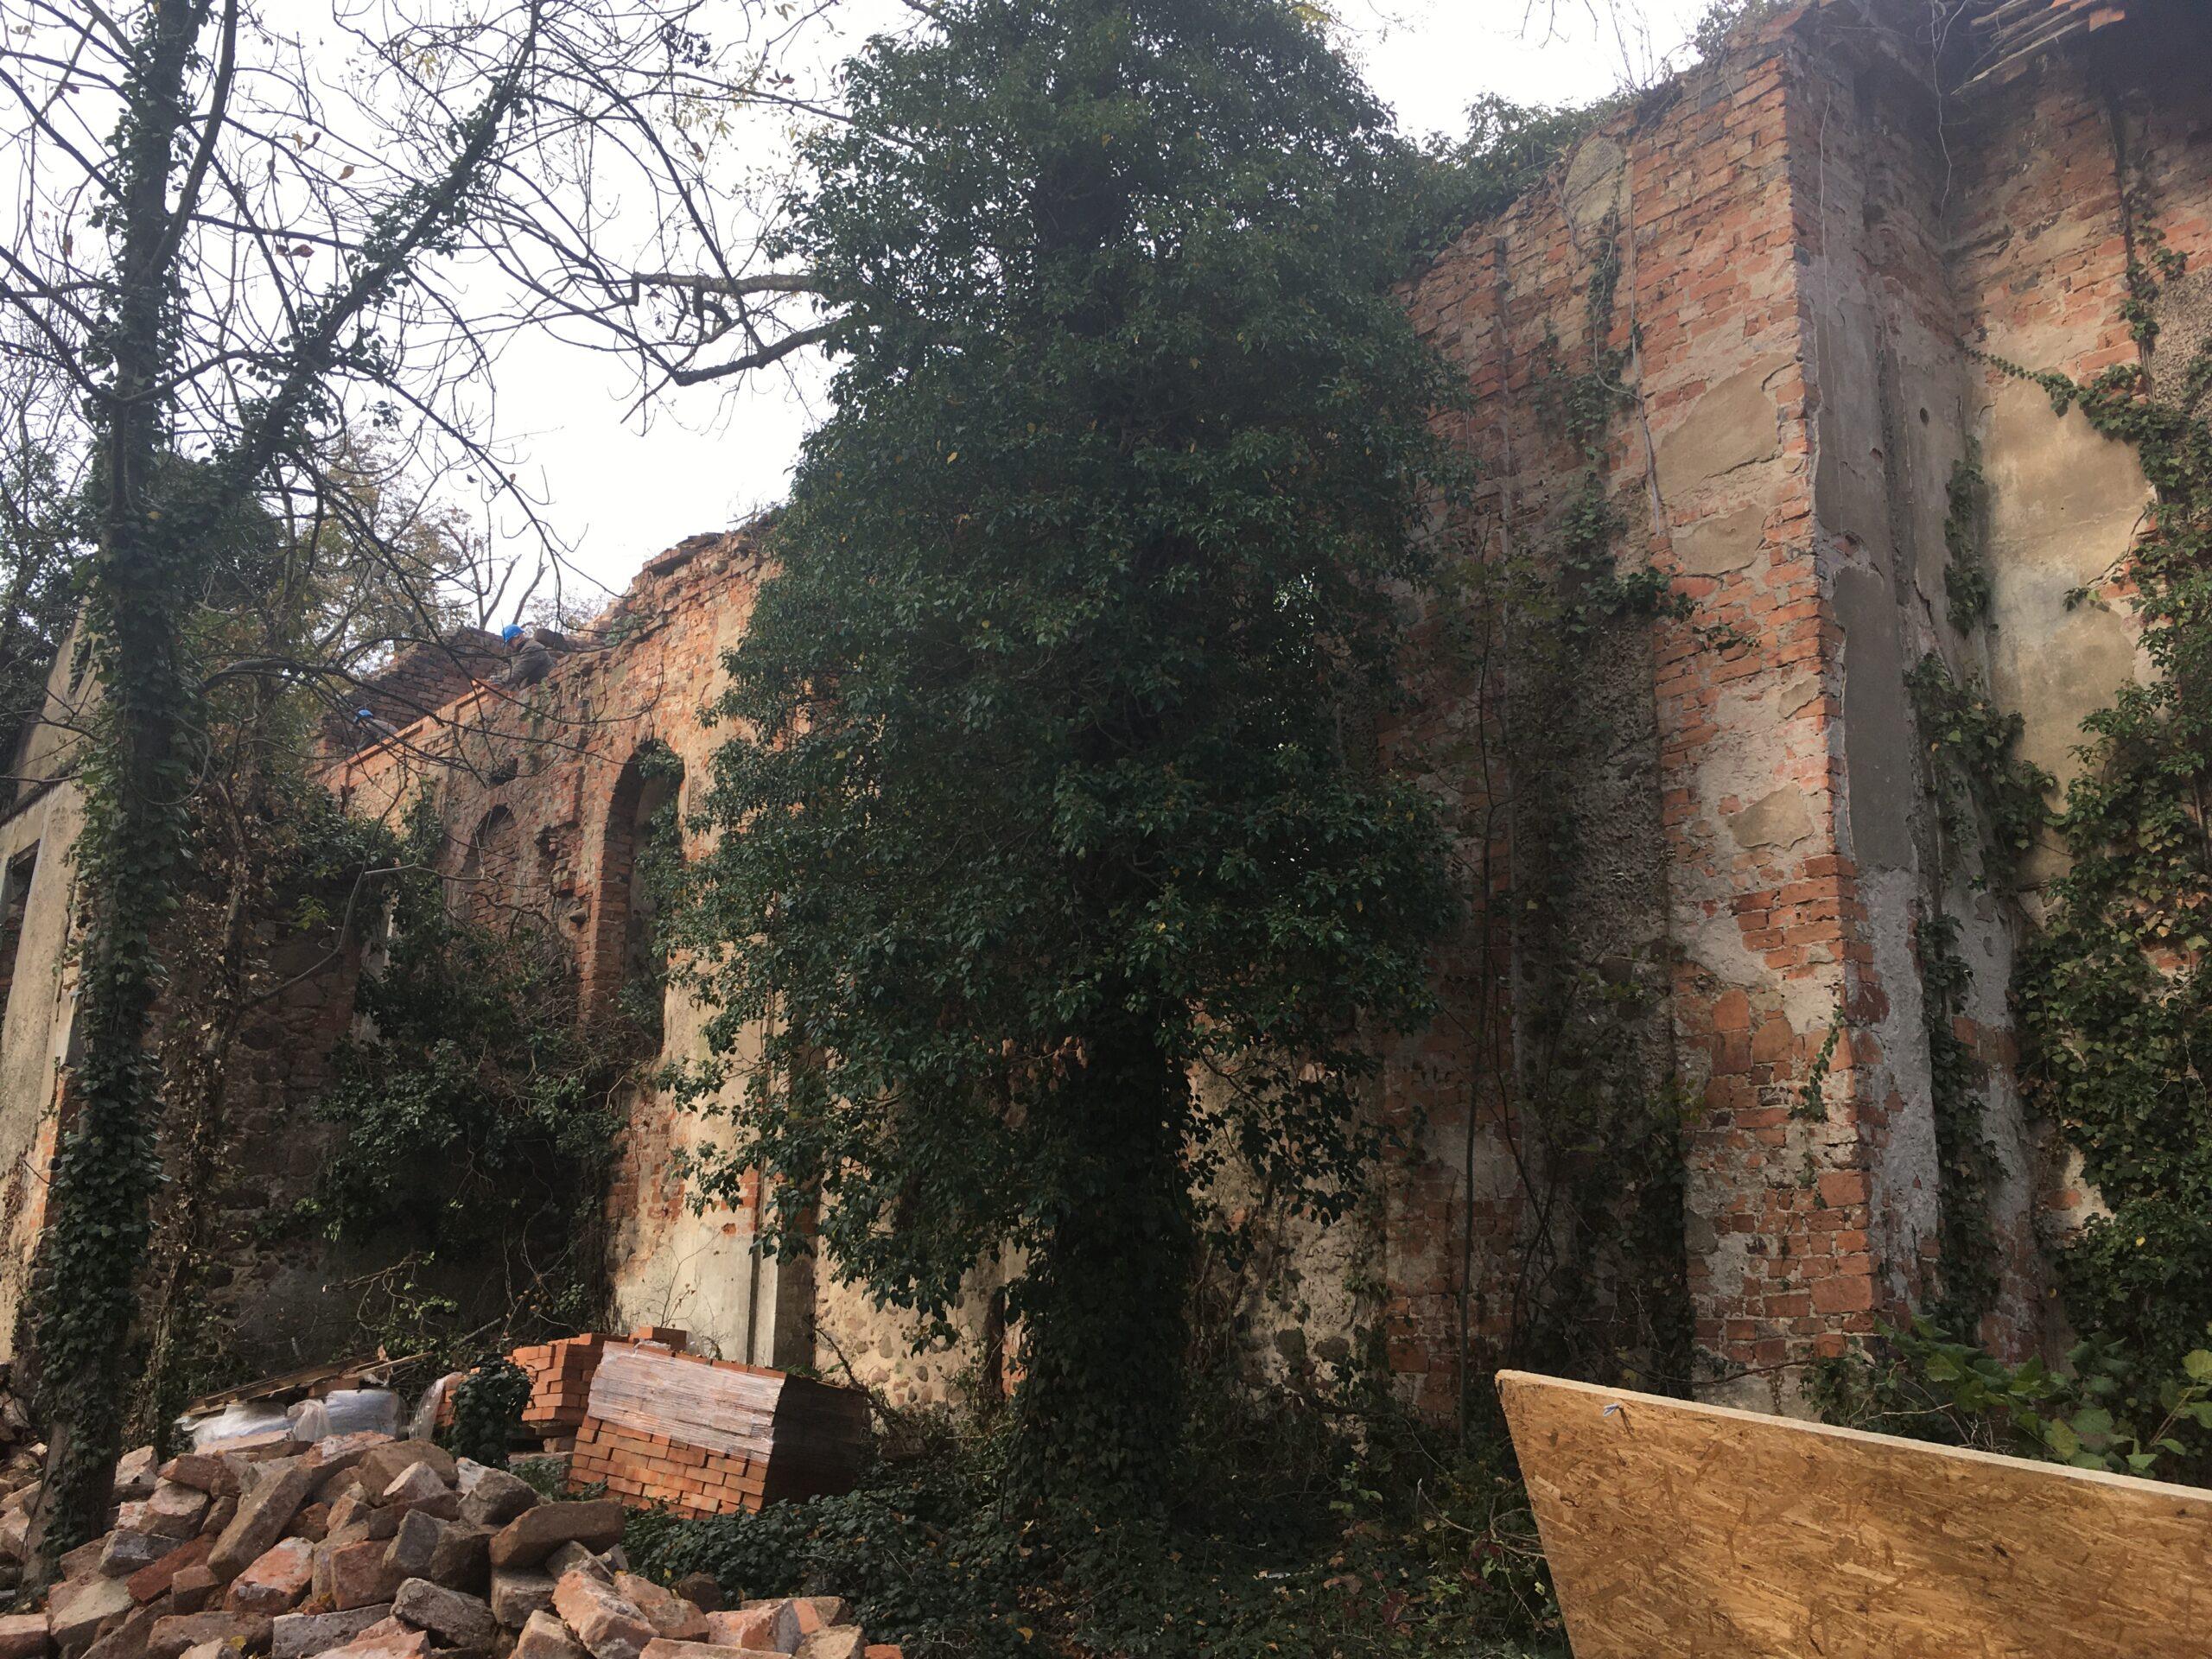 Trwają prace, które pozwolą ocalić ruiny tej średniowiecznej budowli od całkowitej degradacji.